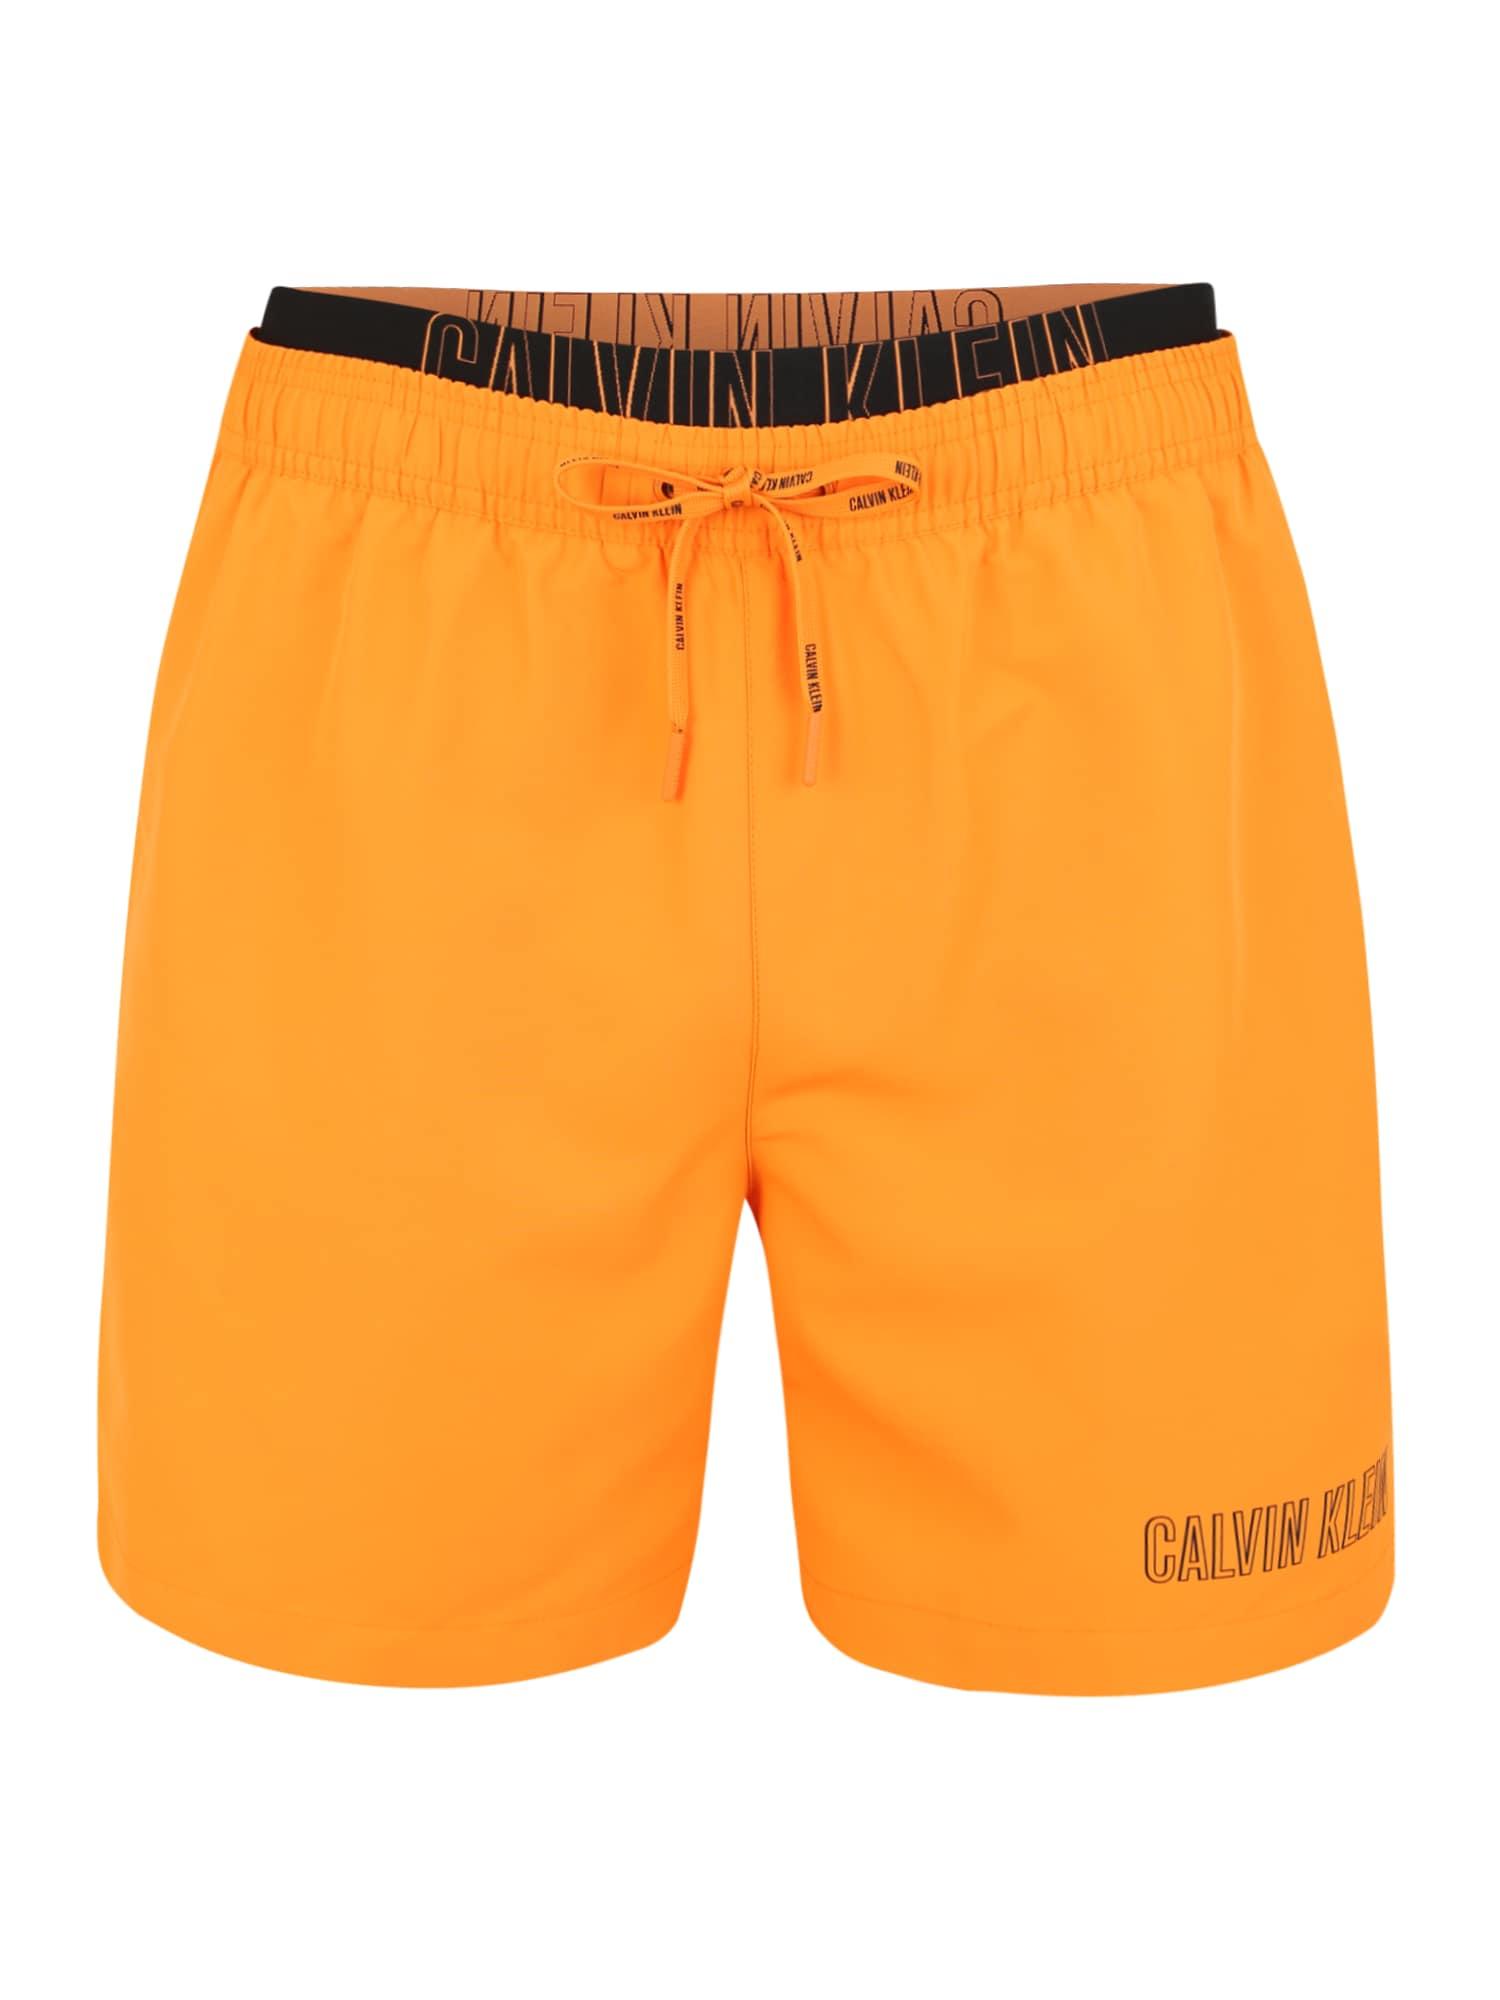 Plavecké šortky MEDIUM DOUBLE WAISTBAND zlatě žlutá Calvin Klein Swimwear